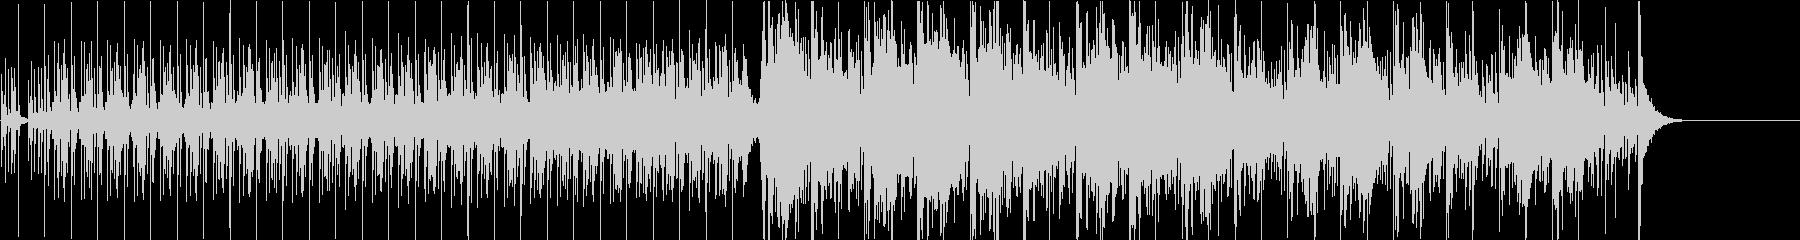 【生演奏】ヴァイオリン多重録音ミニマル!の未再生の波形